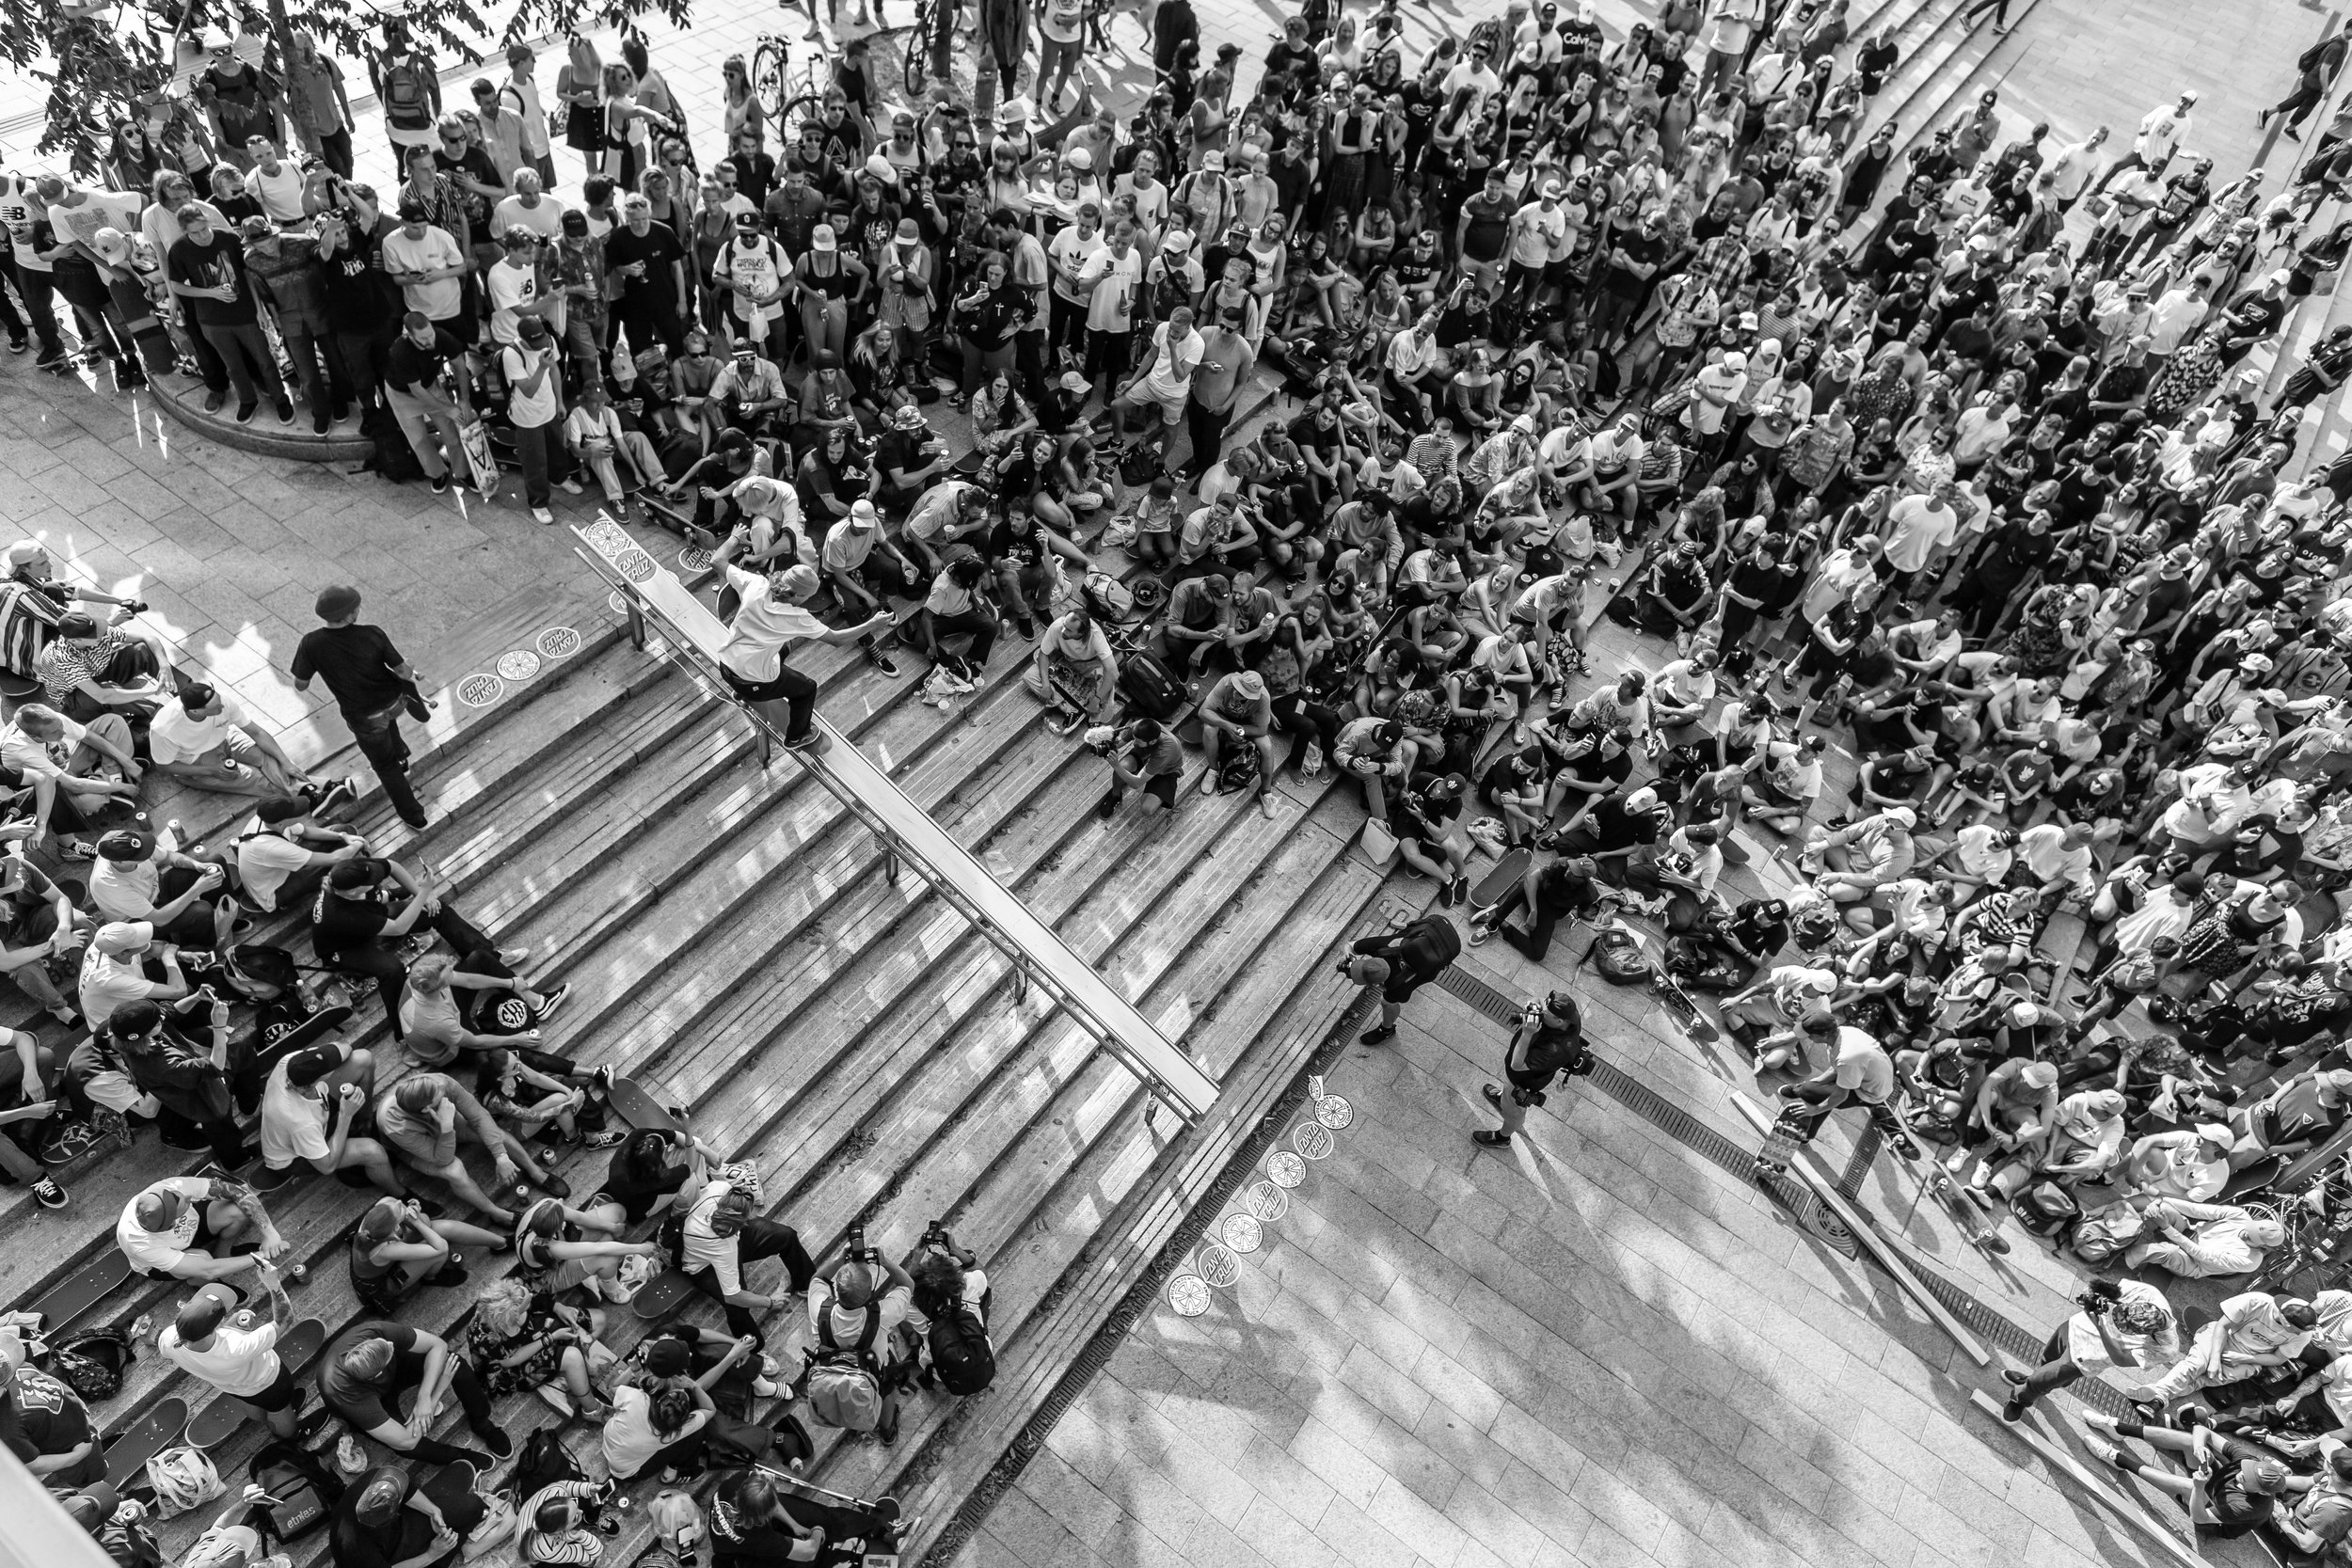 Mistä on kyse? - Tokiossa 2020 kilpaillaan skeittauksen olympiamitaleista. Chasing The Spot kokoaa ensimmäisen Suomen skeittauksen maajoukkueen ja seuraa sen matkaa ympäri maailmaa käytävissä karsintakilpailuissa.